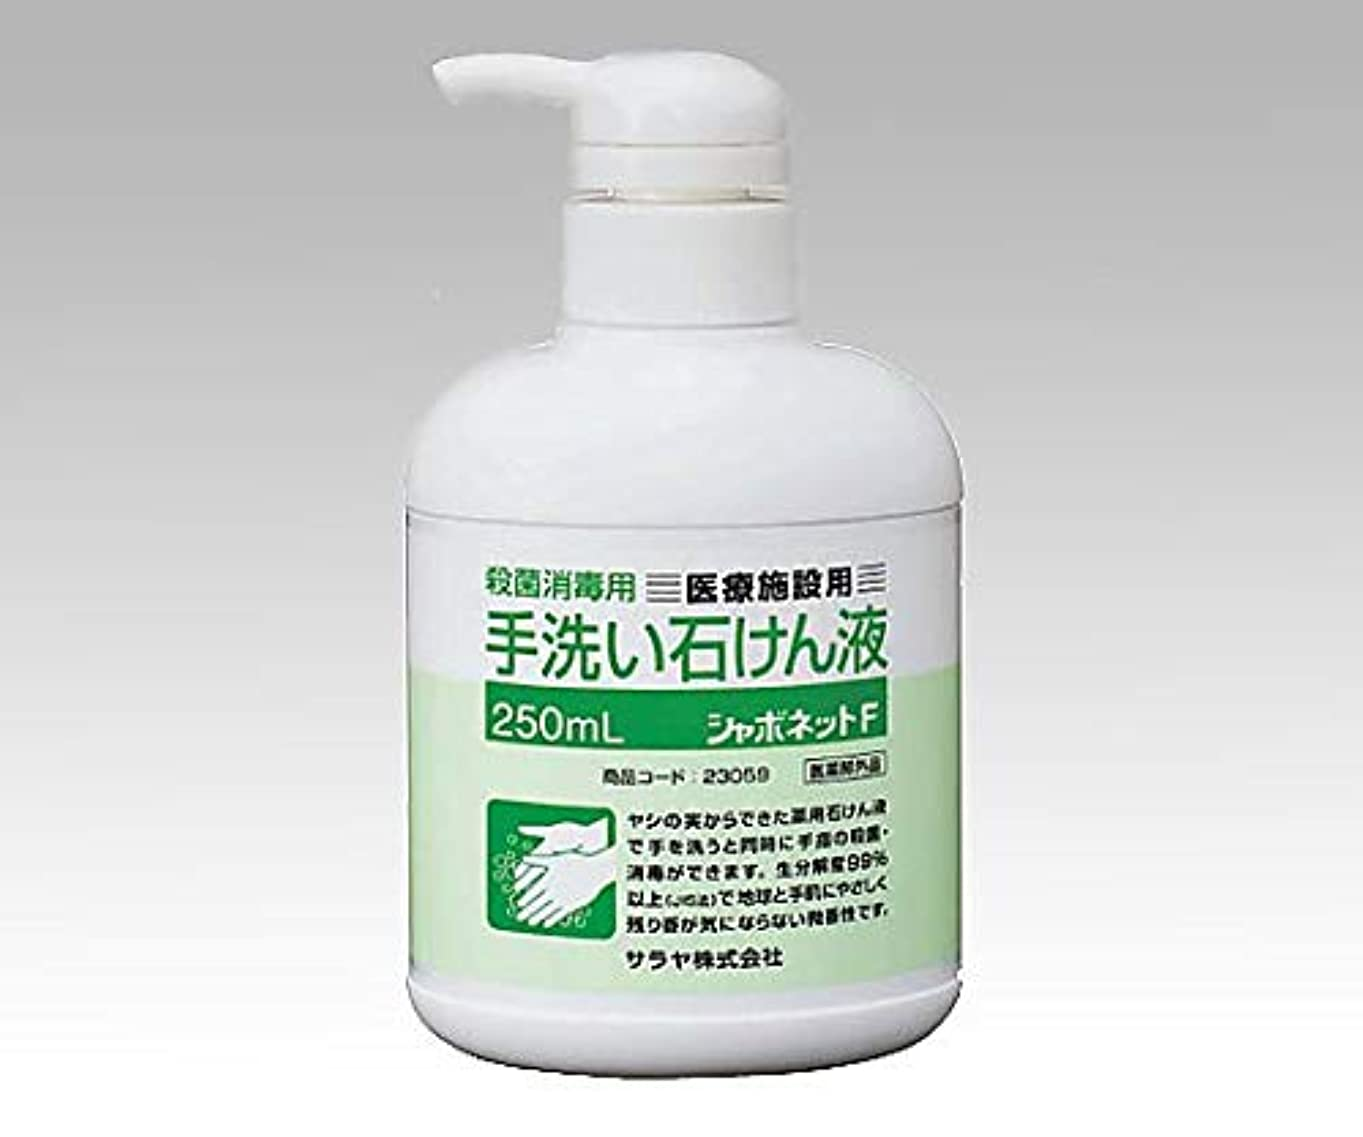 勘違いする暴露するスピリチュアル石鹸液 23060 詰替用